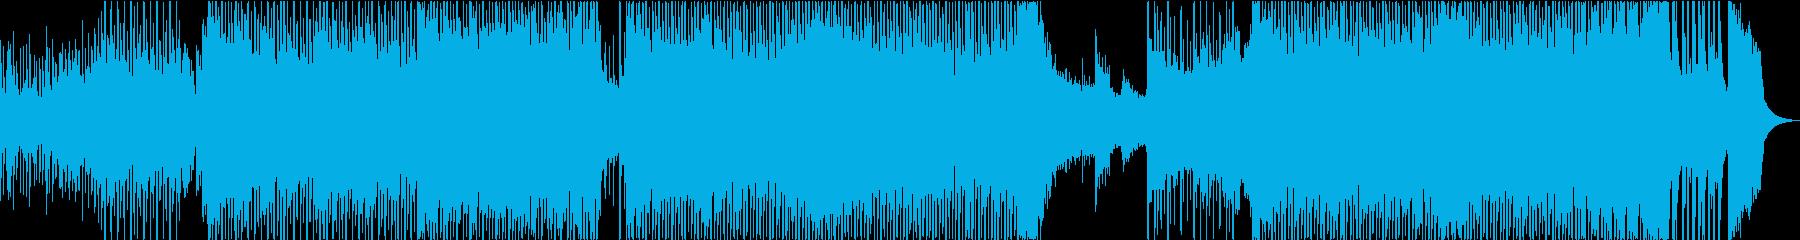 和楽器EDMの再生済みの波形